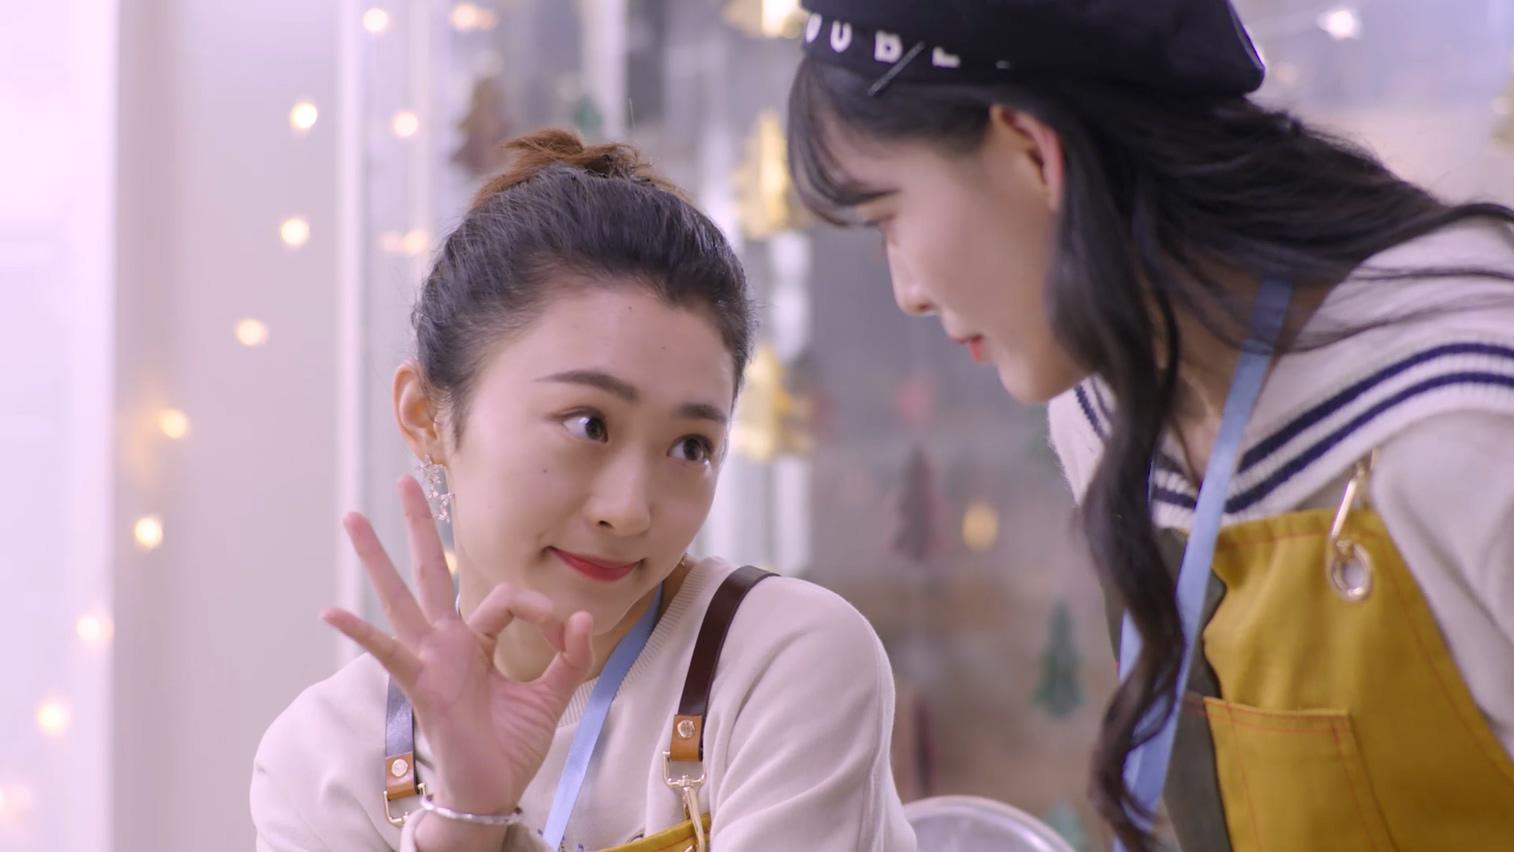 短剧《顾少的小甜心》今日开播,冰山总裁萌宠少女浪漫相恋